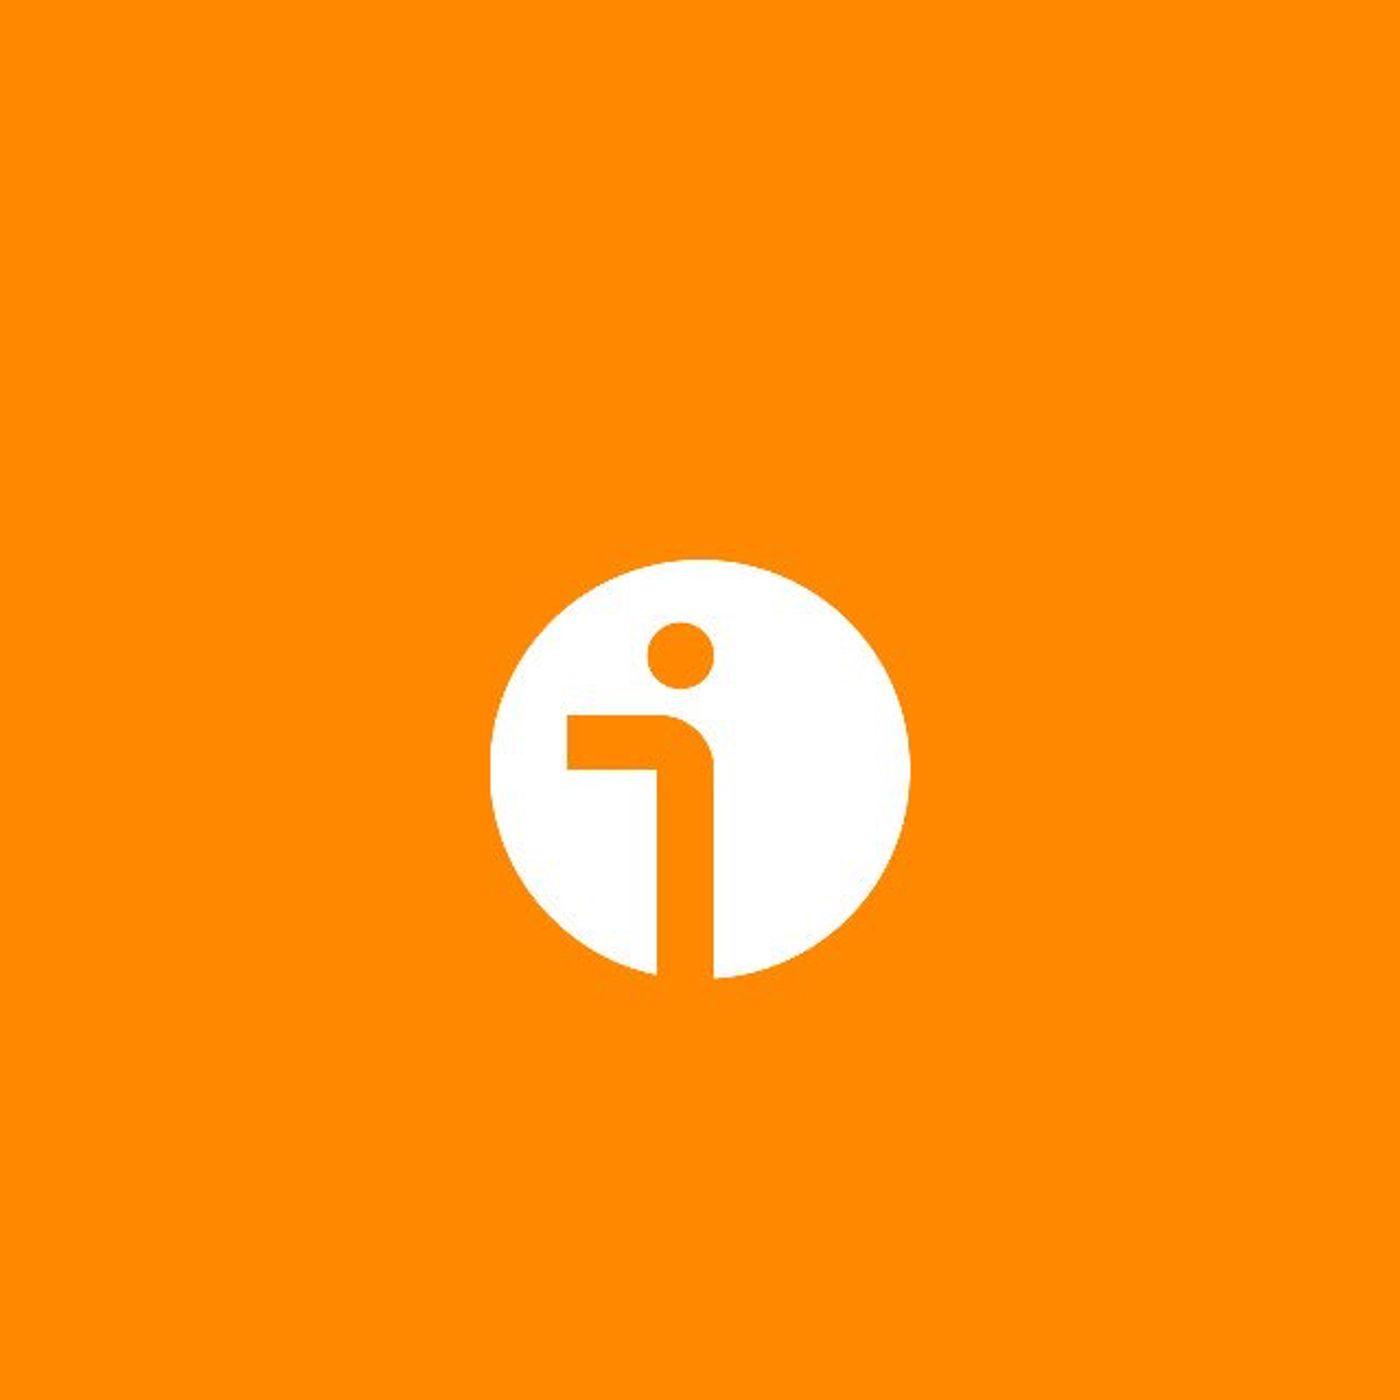 La nueva app iVoox para oír podcast